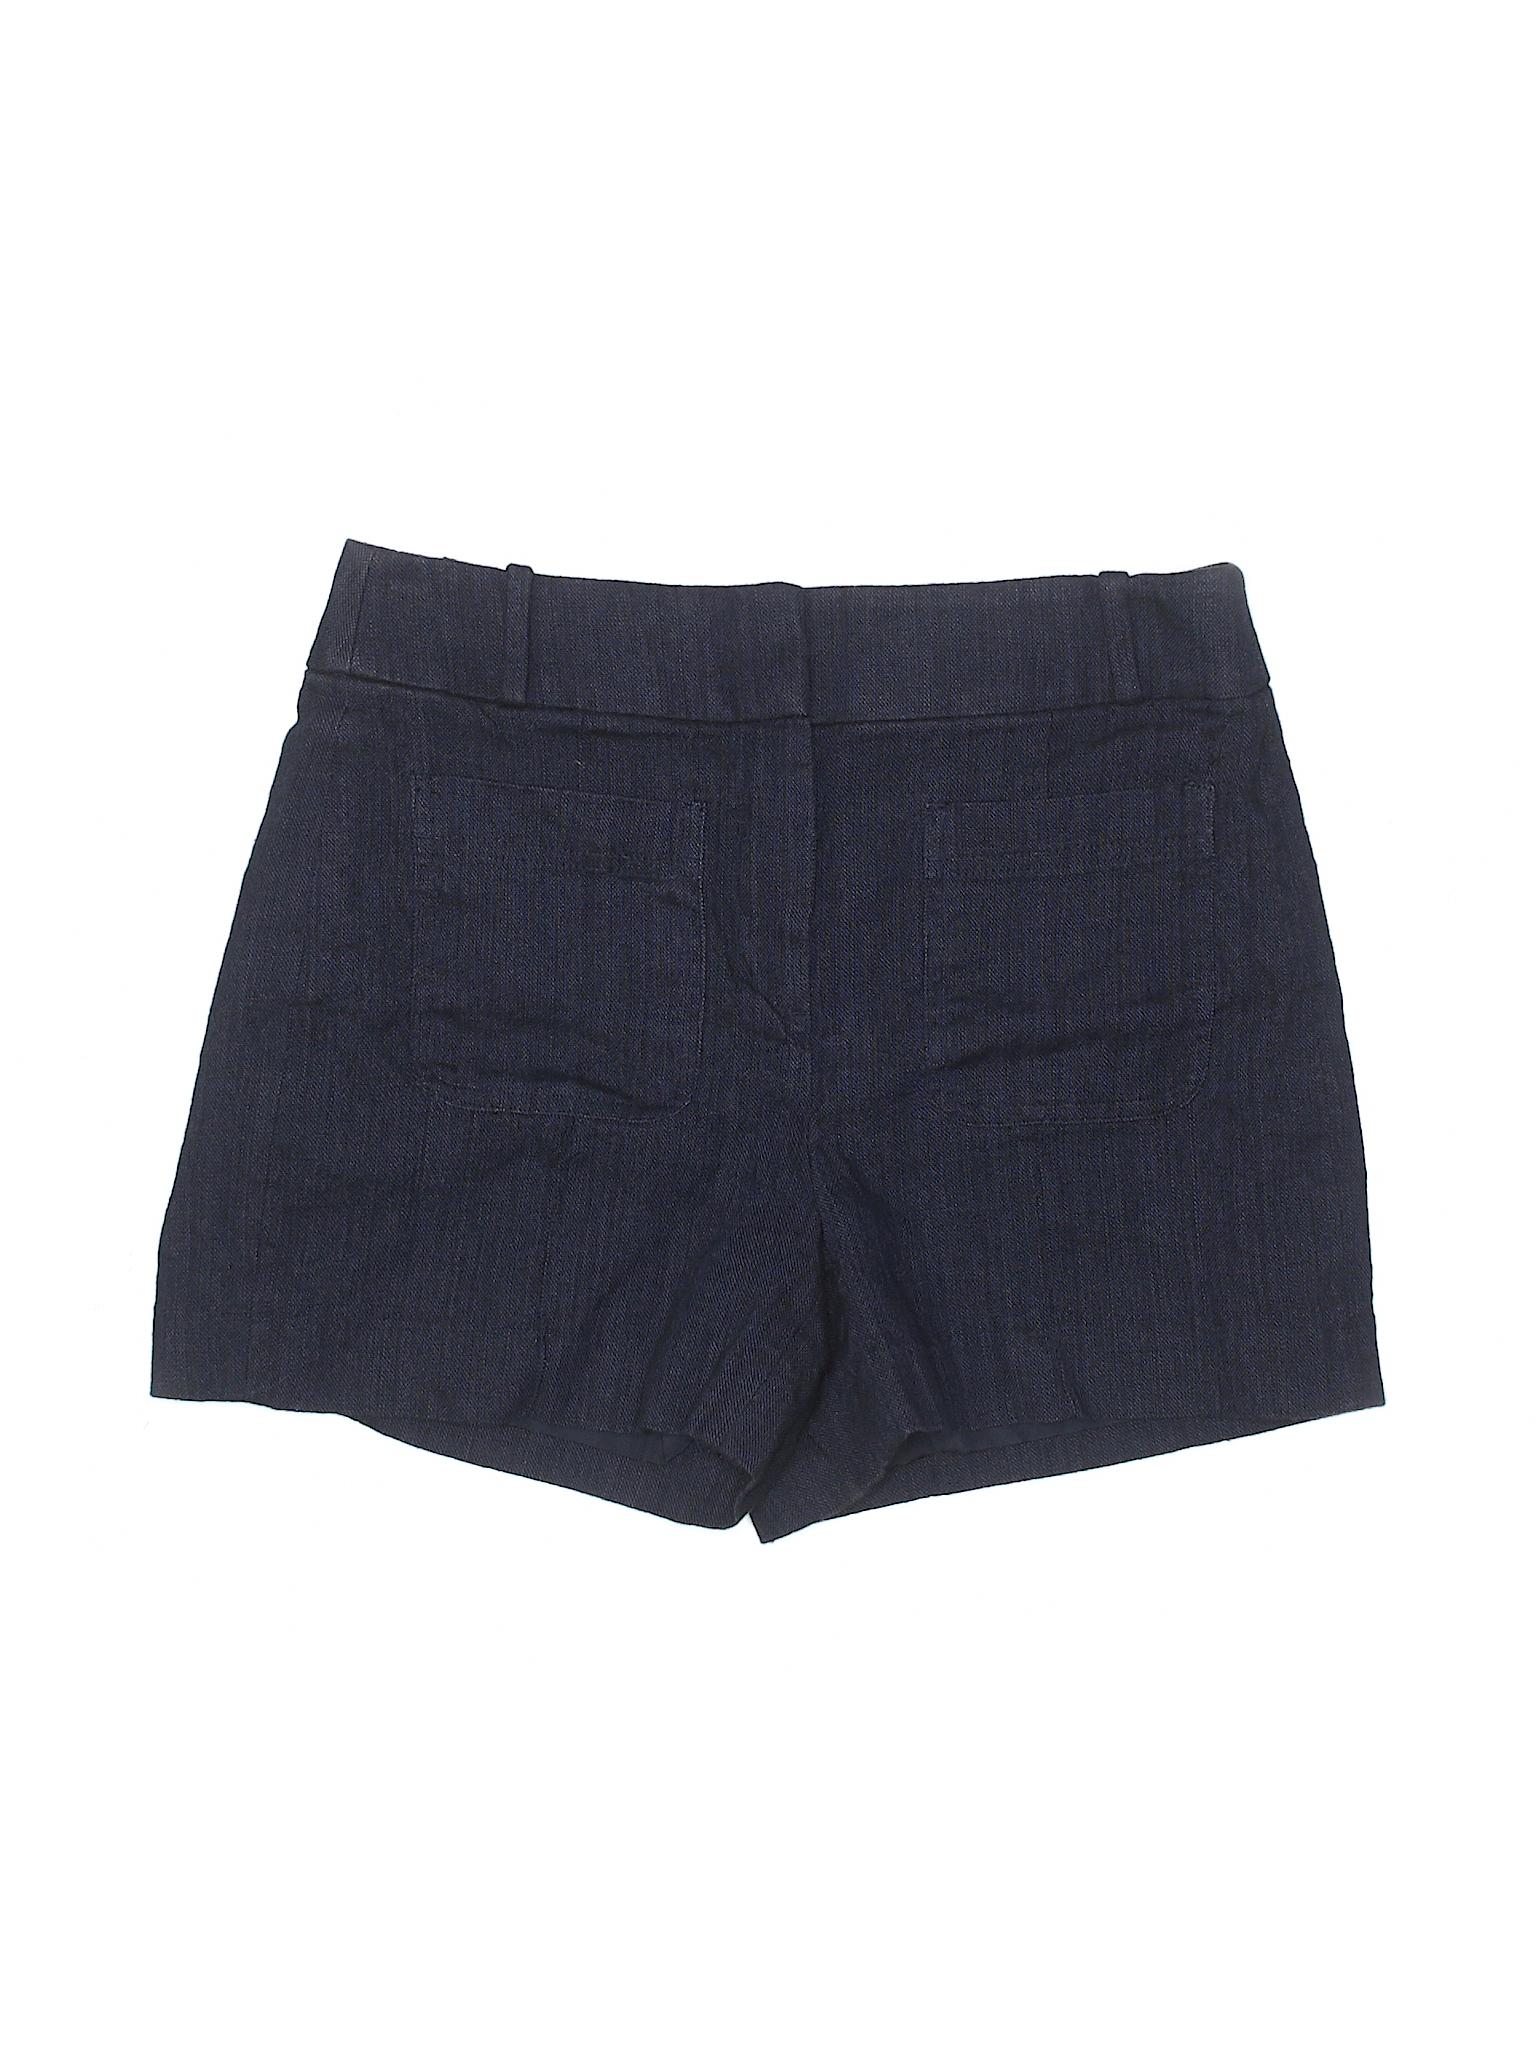 LOFT Shorts Boutique Ann Boutique Taylor Ann XHwqI